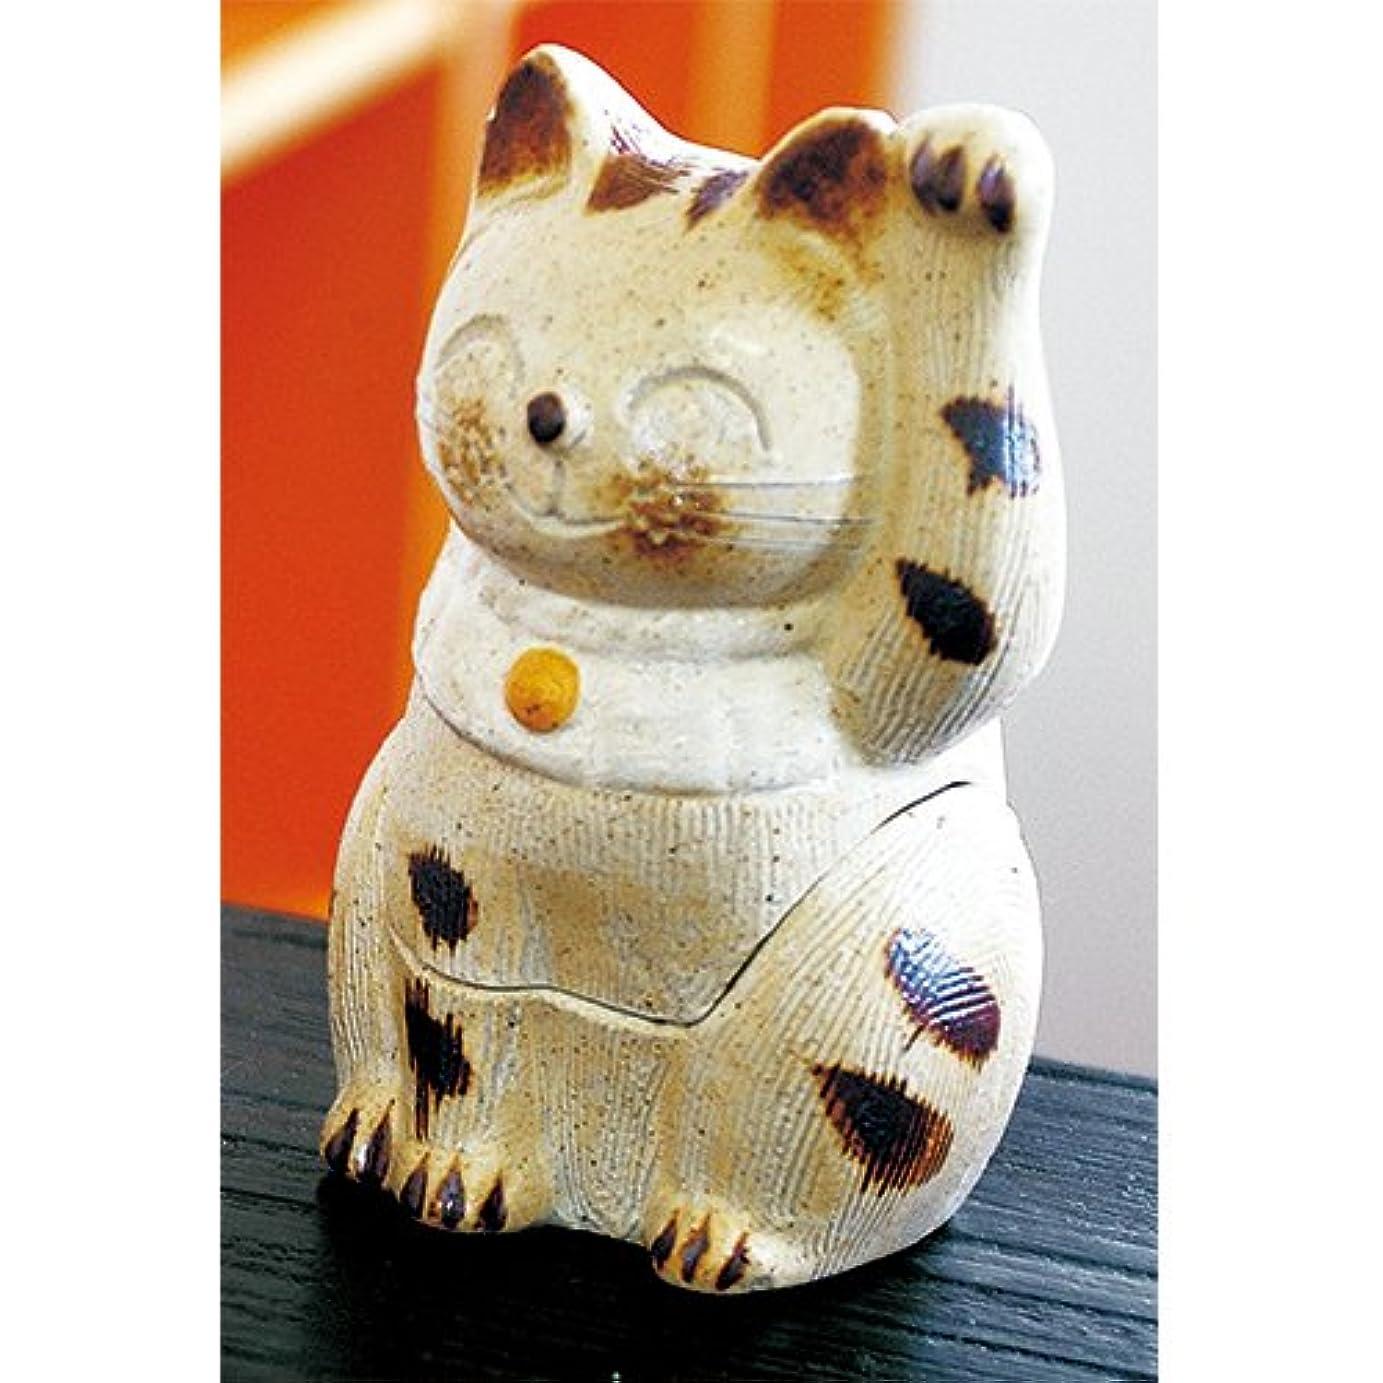 オペレーター無関心眉香炉 ひとまねき猫 香炉(中) [H12.5cm] HANDMADE プレゼント ギフト 和食器 かわいい インテリア